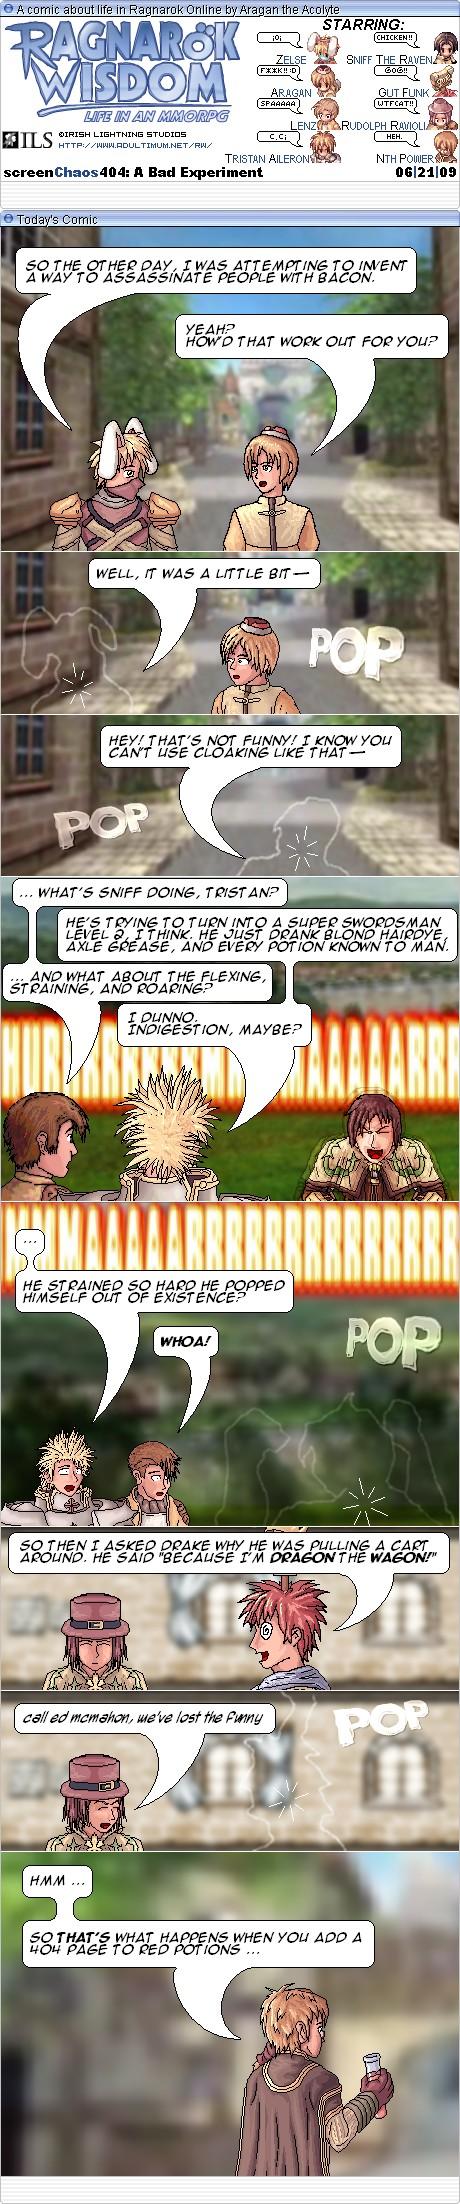 Comic #426